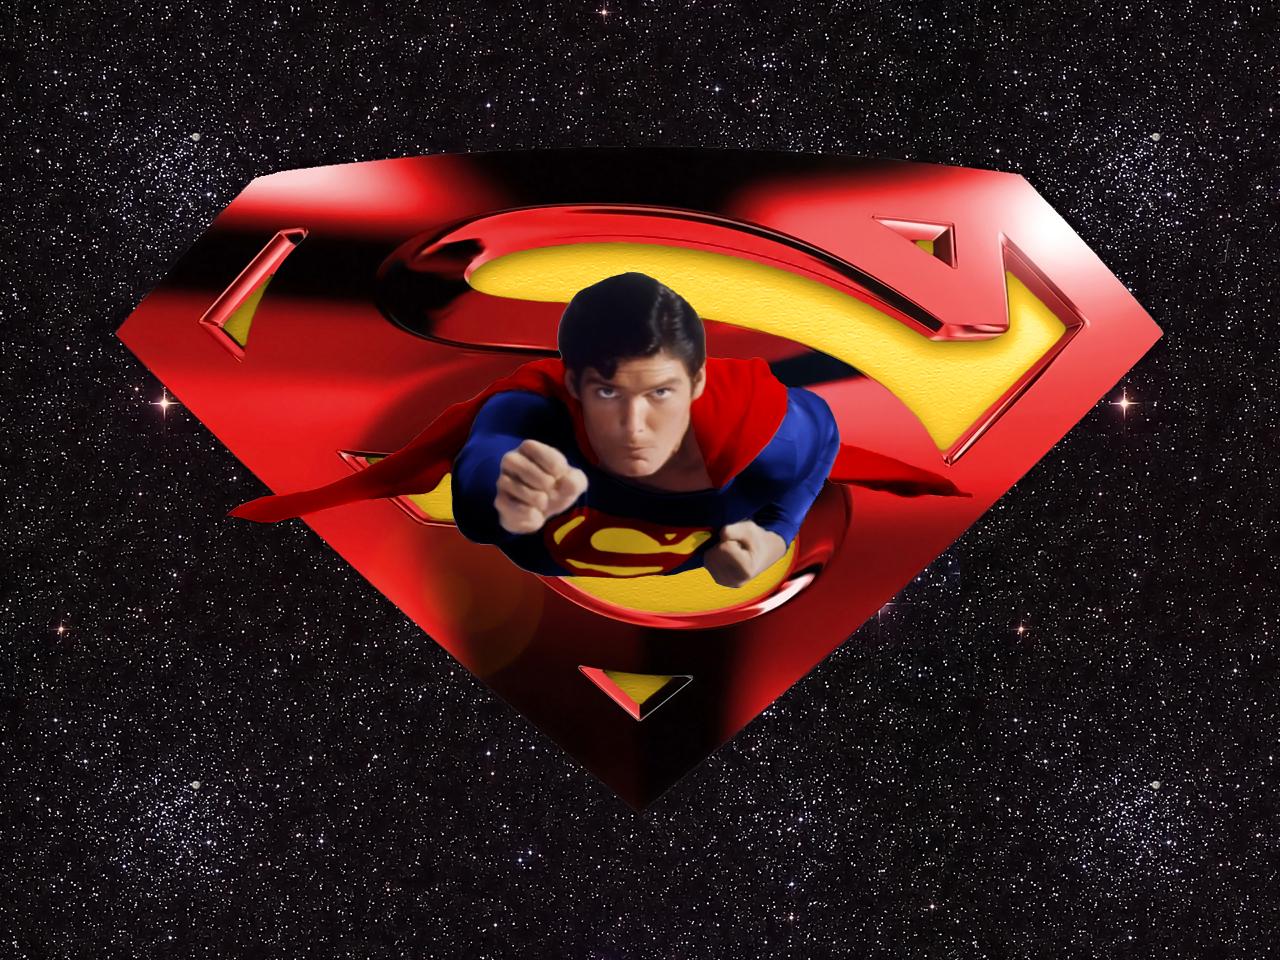 christopher reeve superman wp by swfan1977 fan art wallpaper movies tv 1280x960